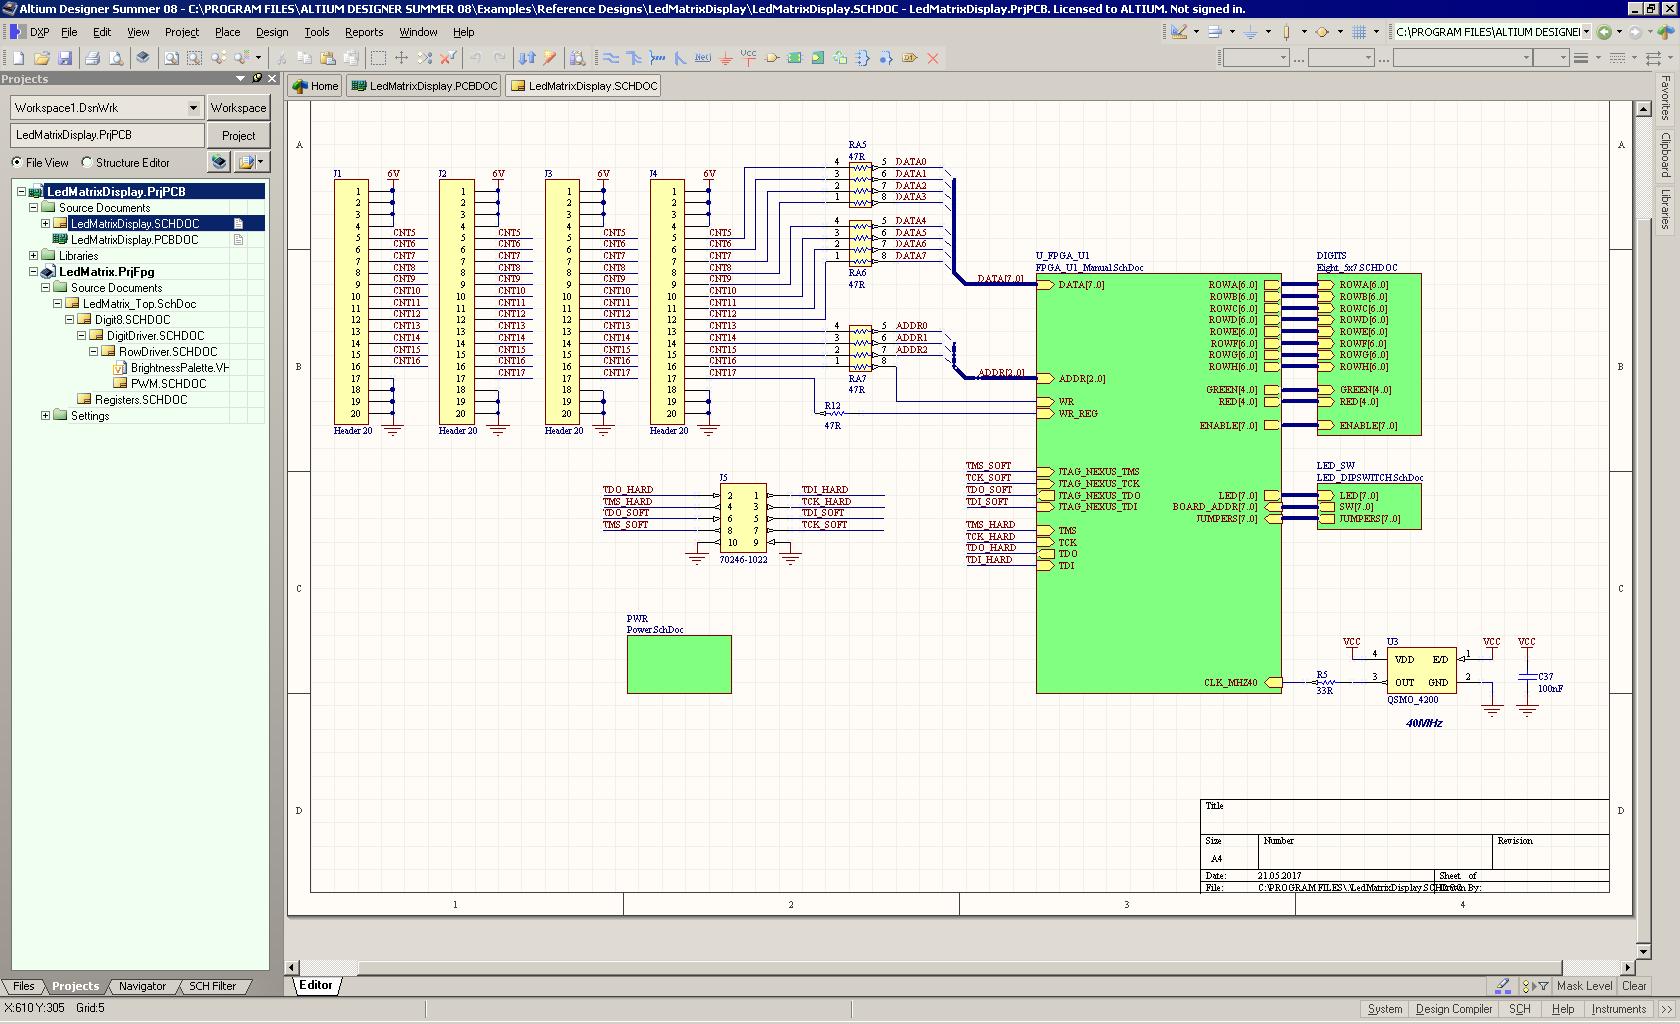 working with Altium Designer Summer 7.1 full license